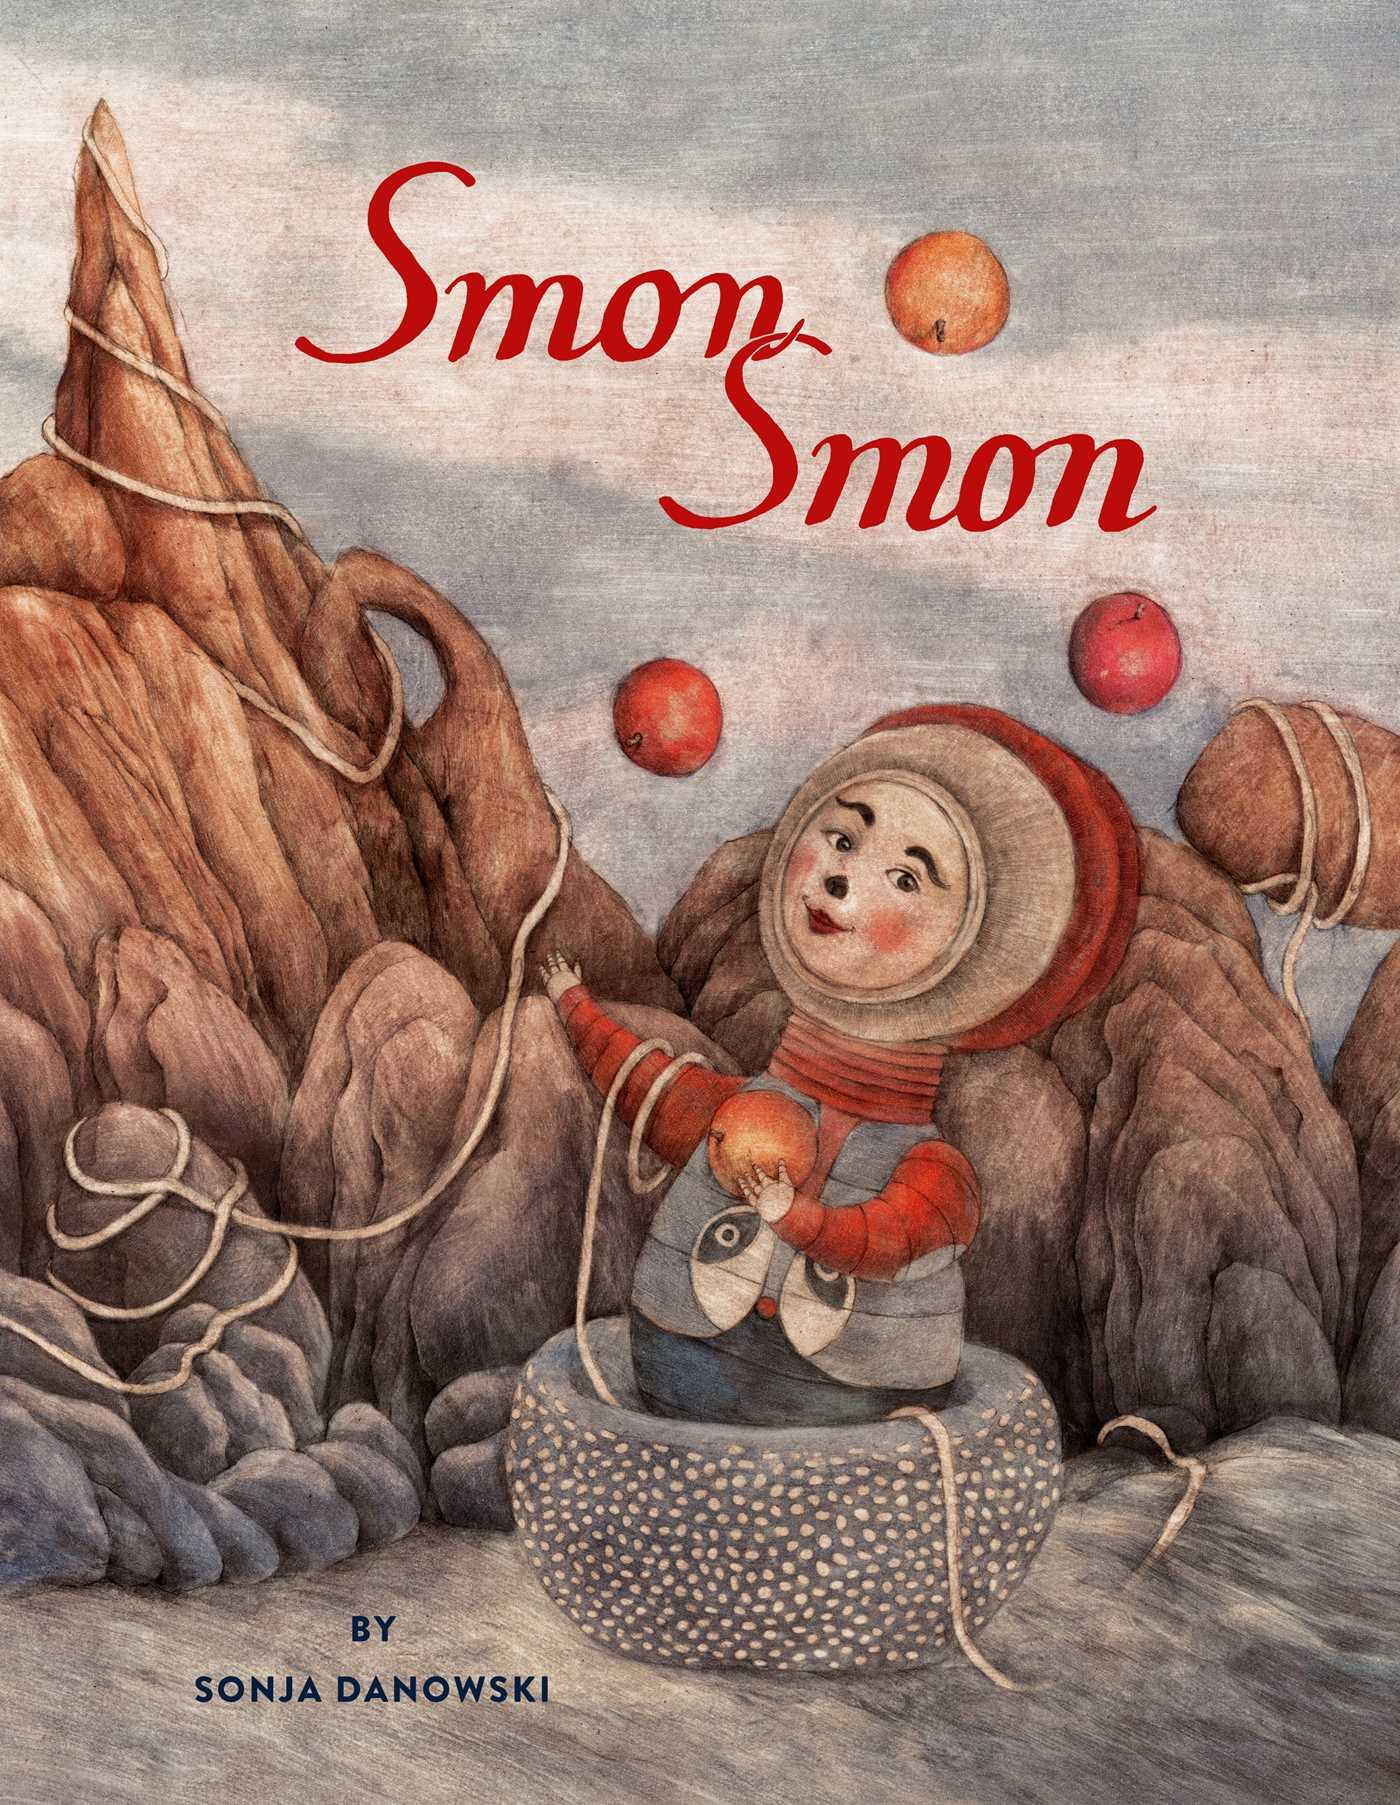 Smon smon 9780735843073 hr